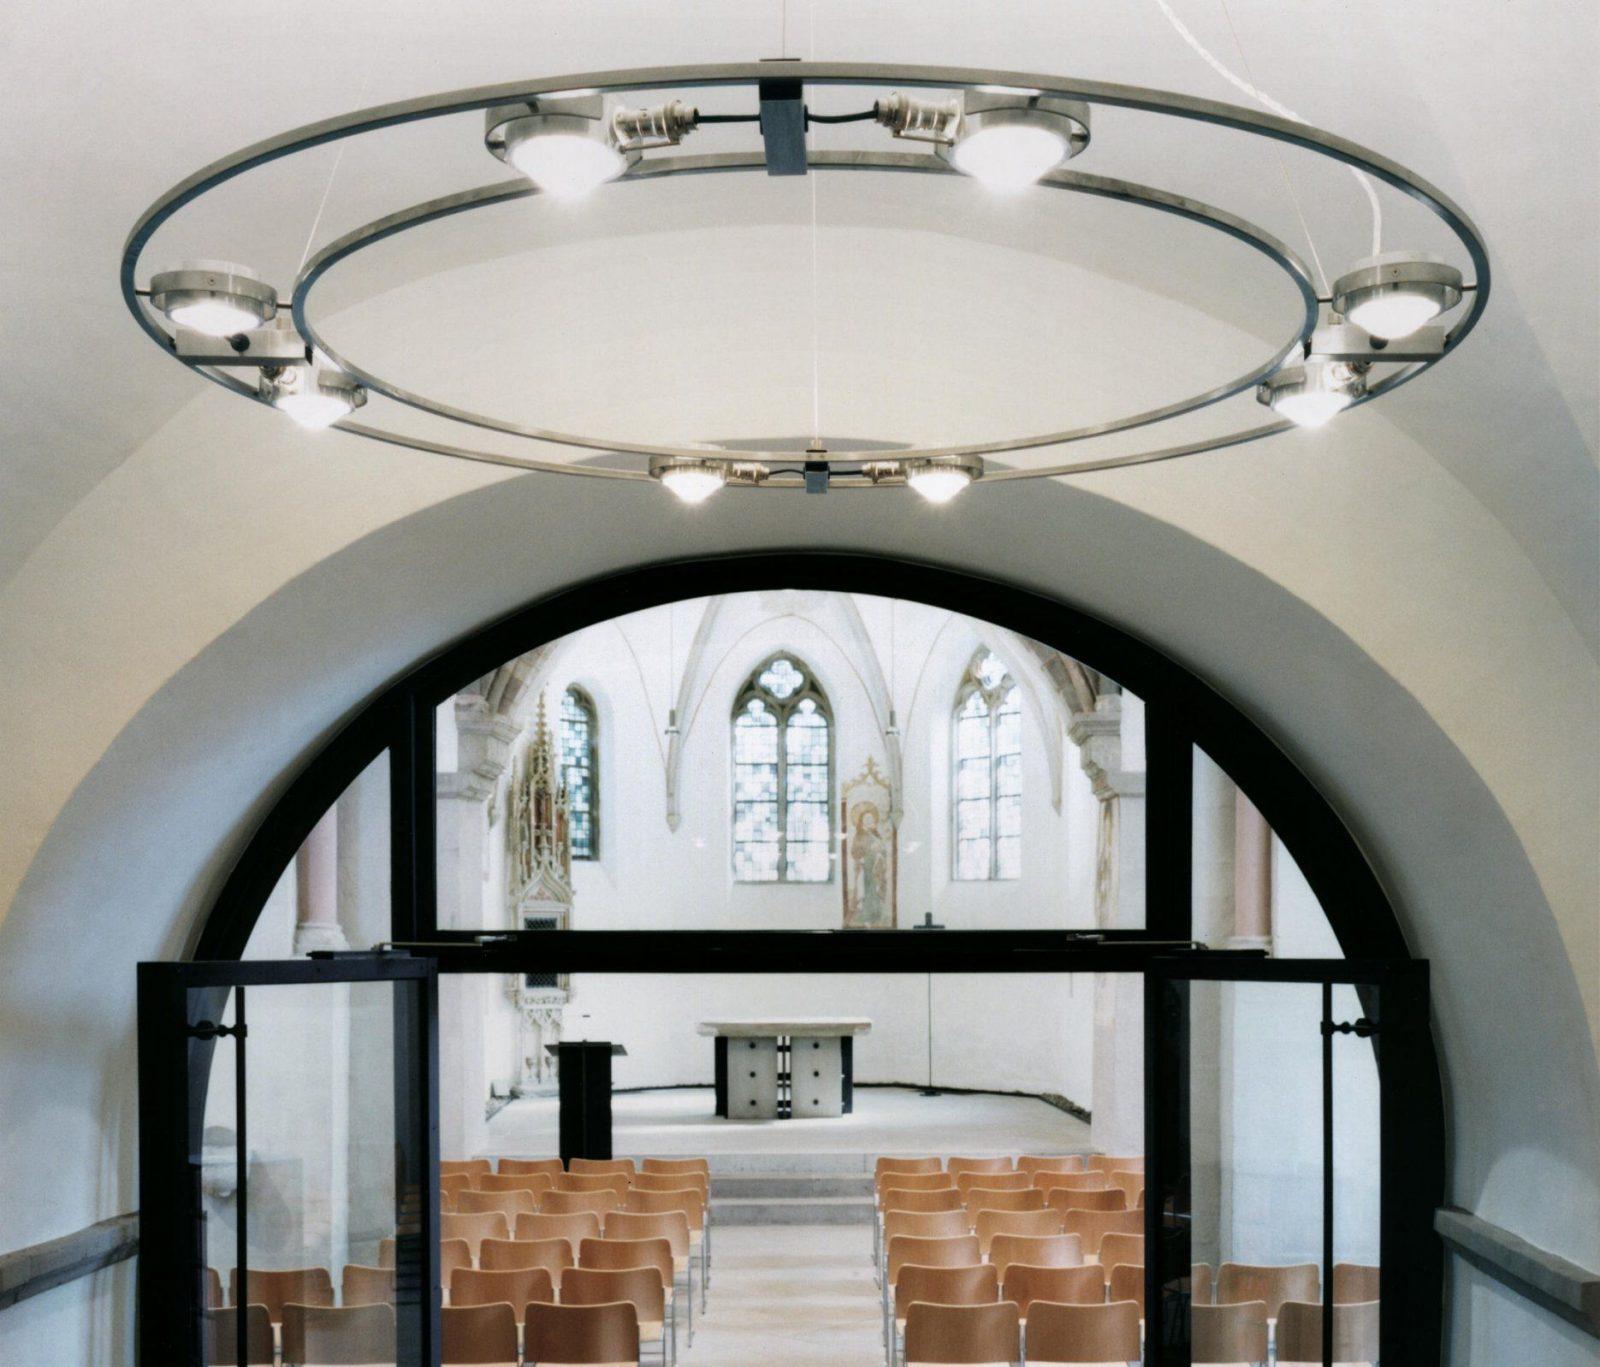 Ocular 1300 Professional  General Lighting From Licht Im Raum von Licht Im Raum Ocular Bild